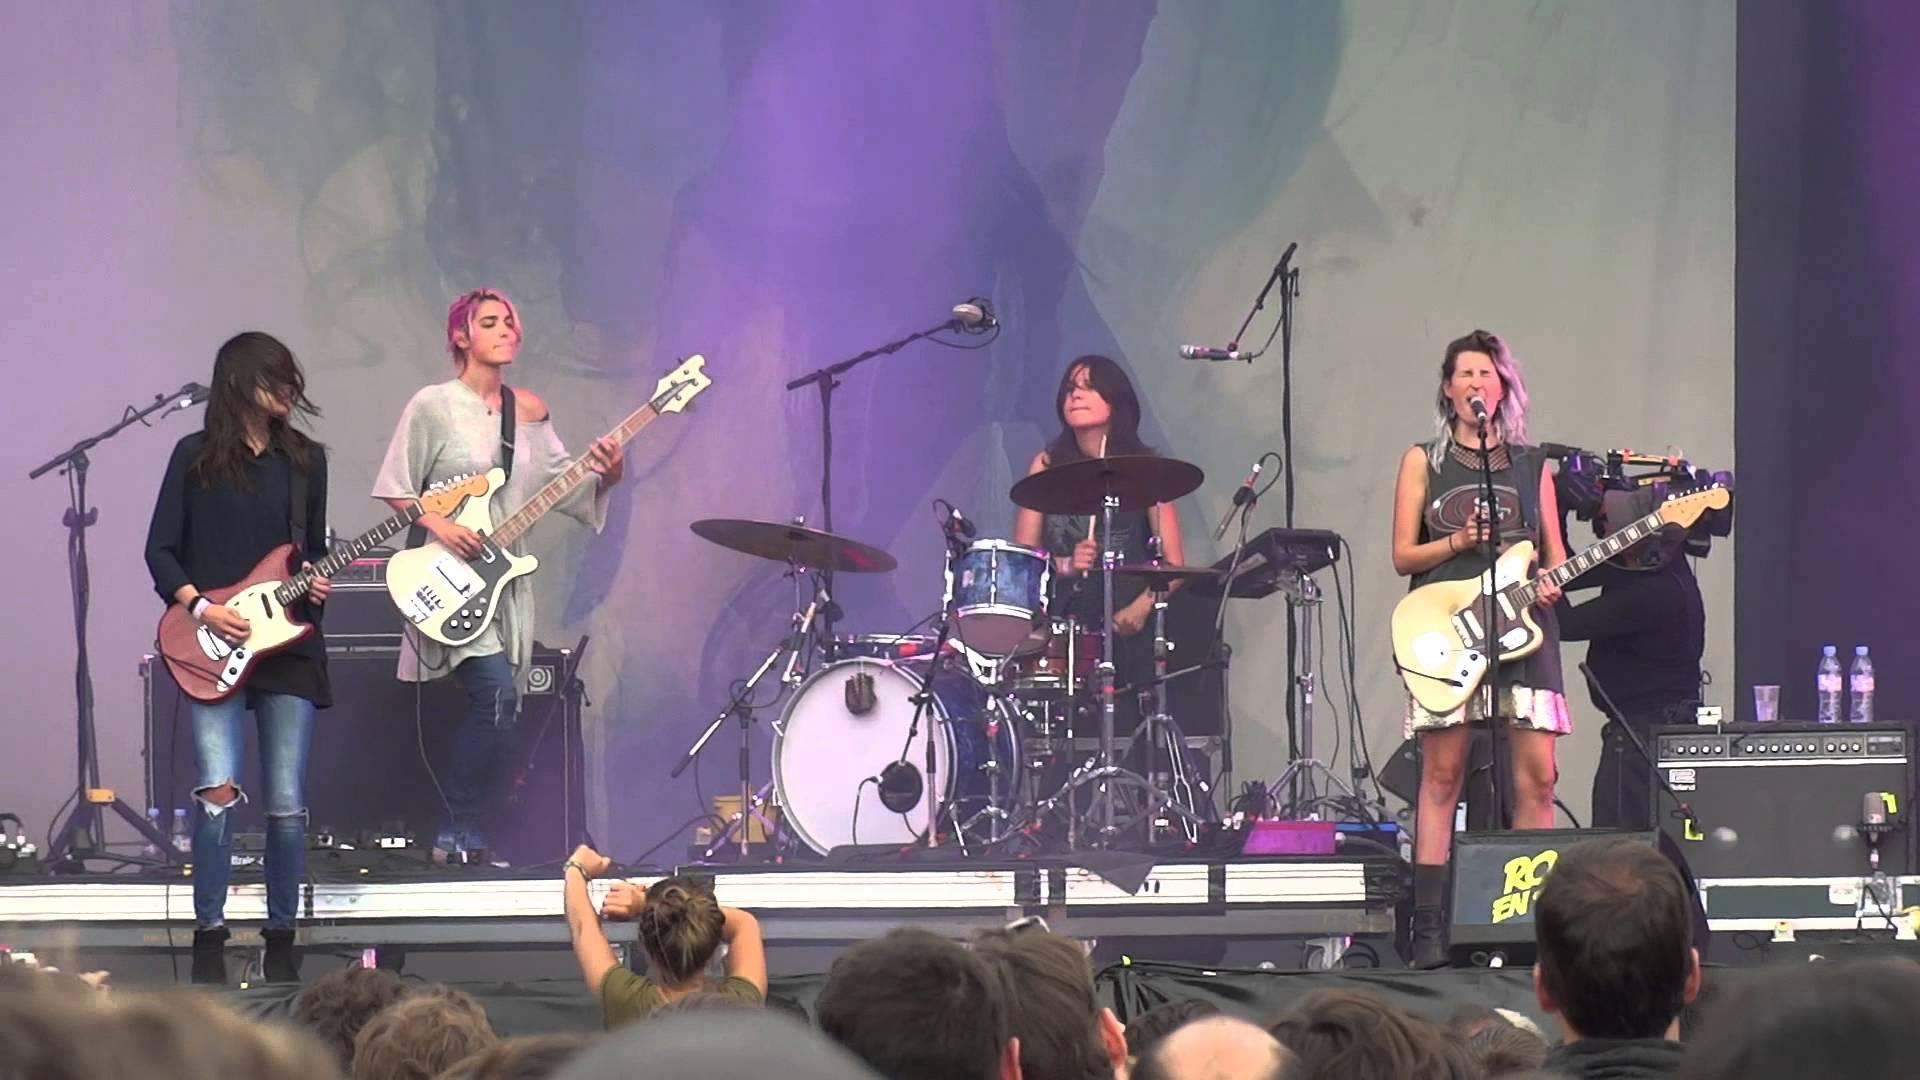 Groupe de rock 2 suce